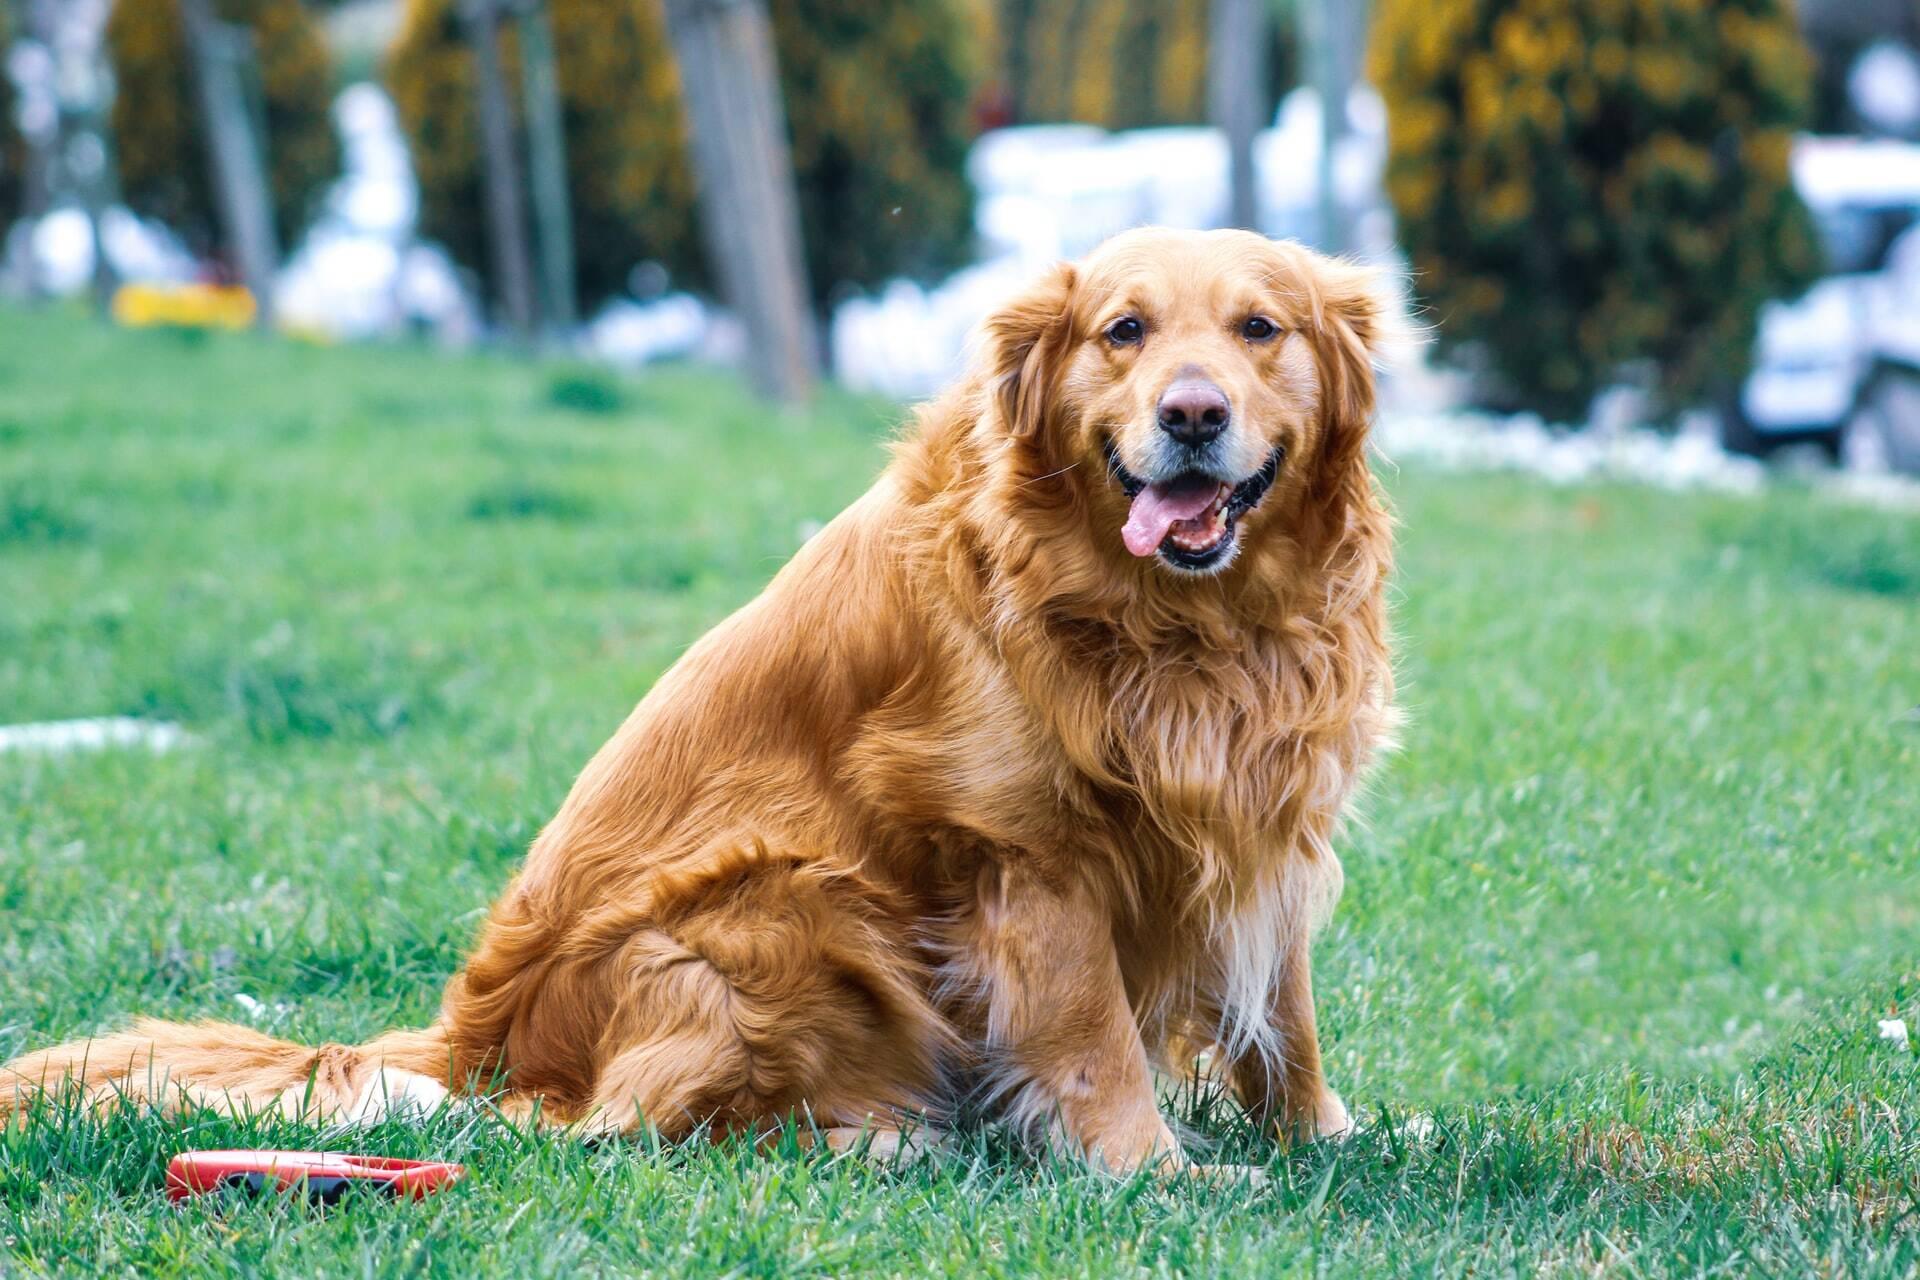 As 6 melhores raças de cães para quem quer um bicho feliz em casa